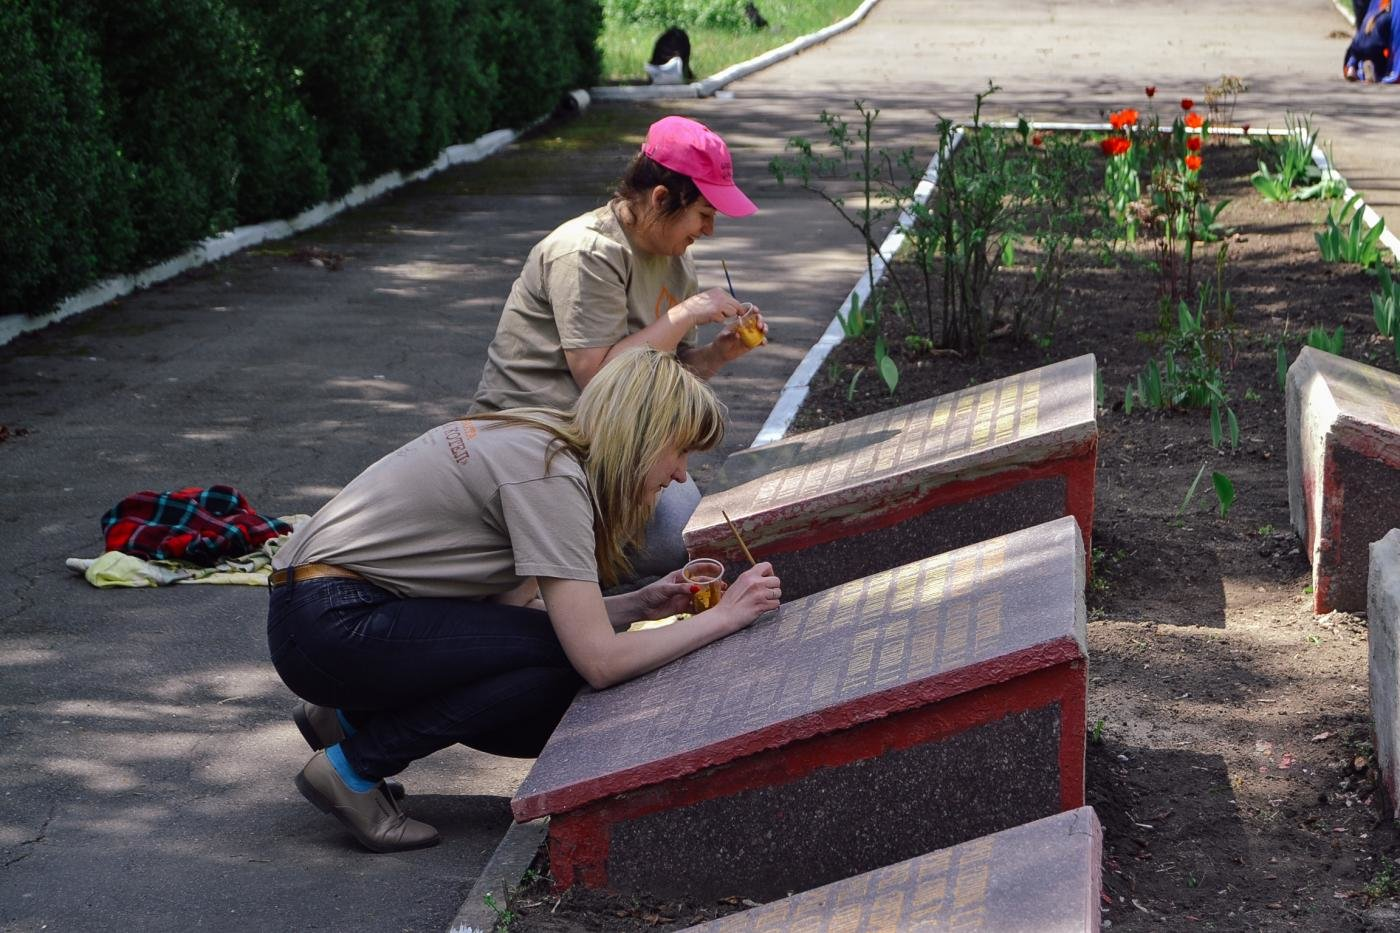 Криворожане собственными силами привели в порядок братскую могилу ВМВ, - ФОТО , фото-5